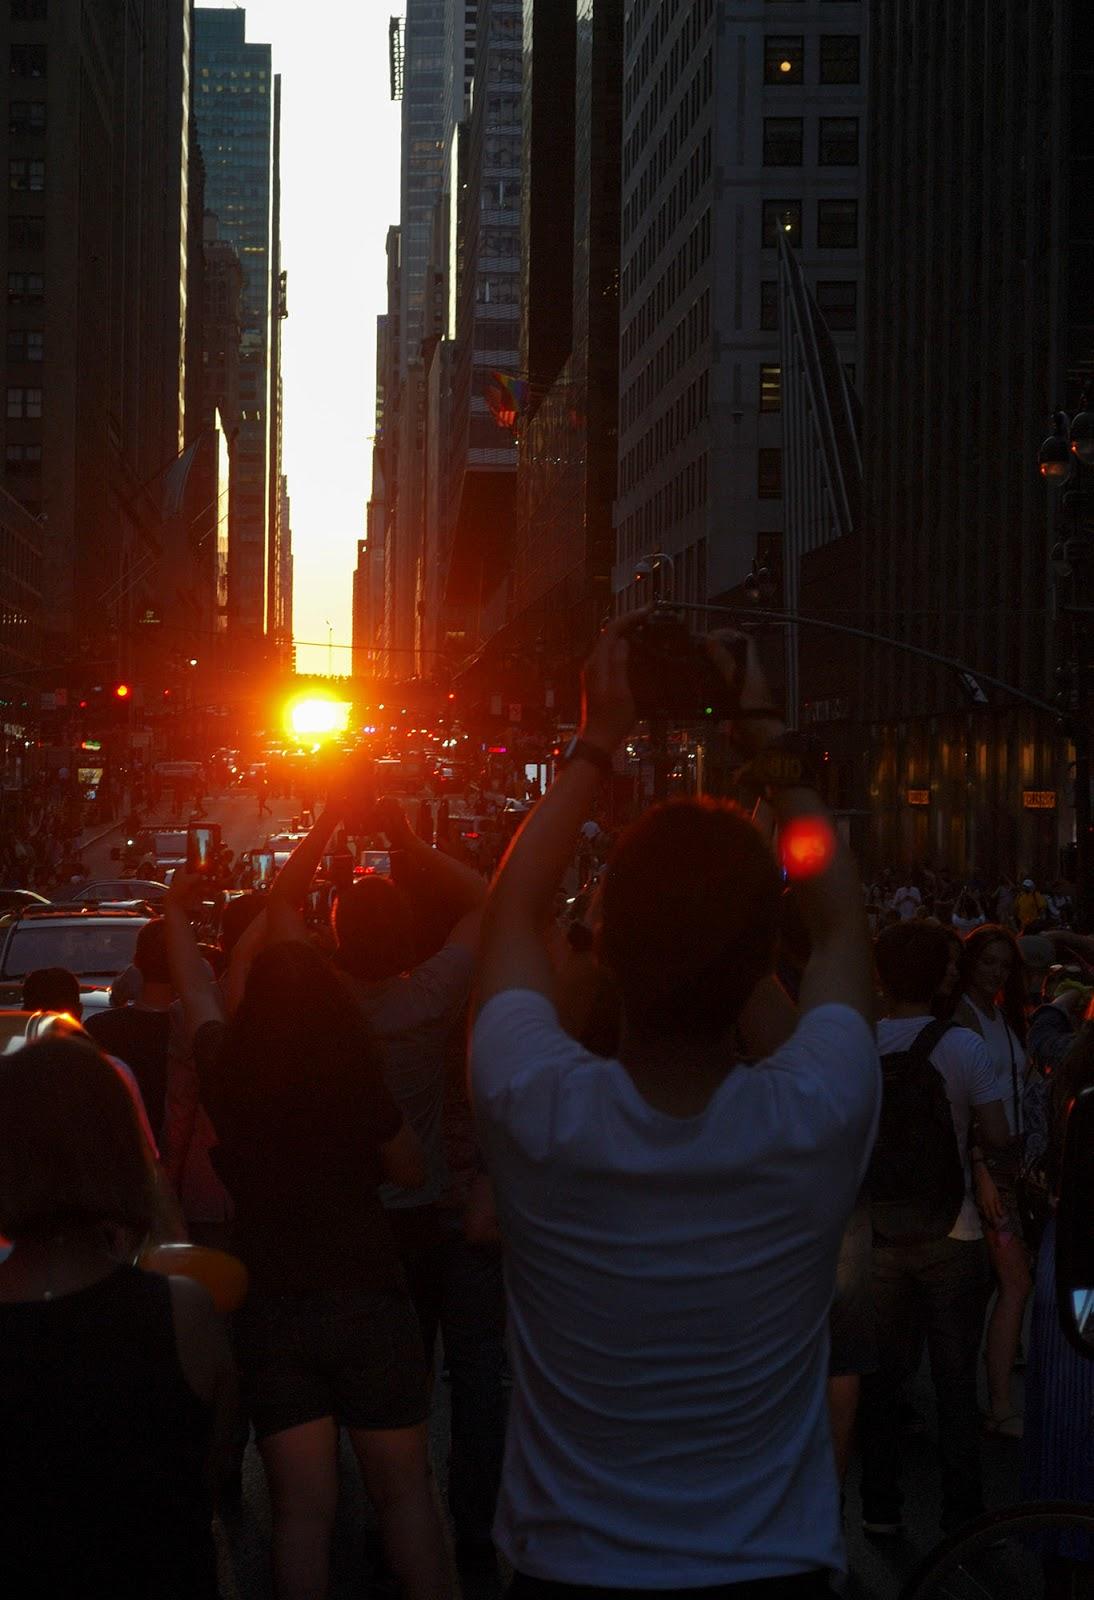 new york itinerary guide plan manhattanhenge solstice manhattan